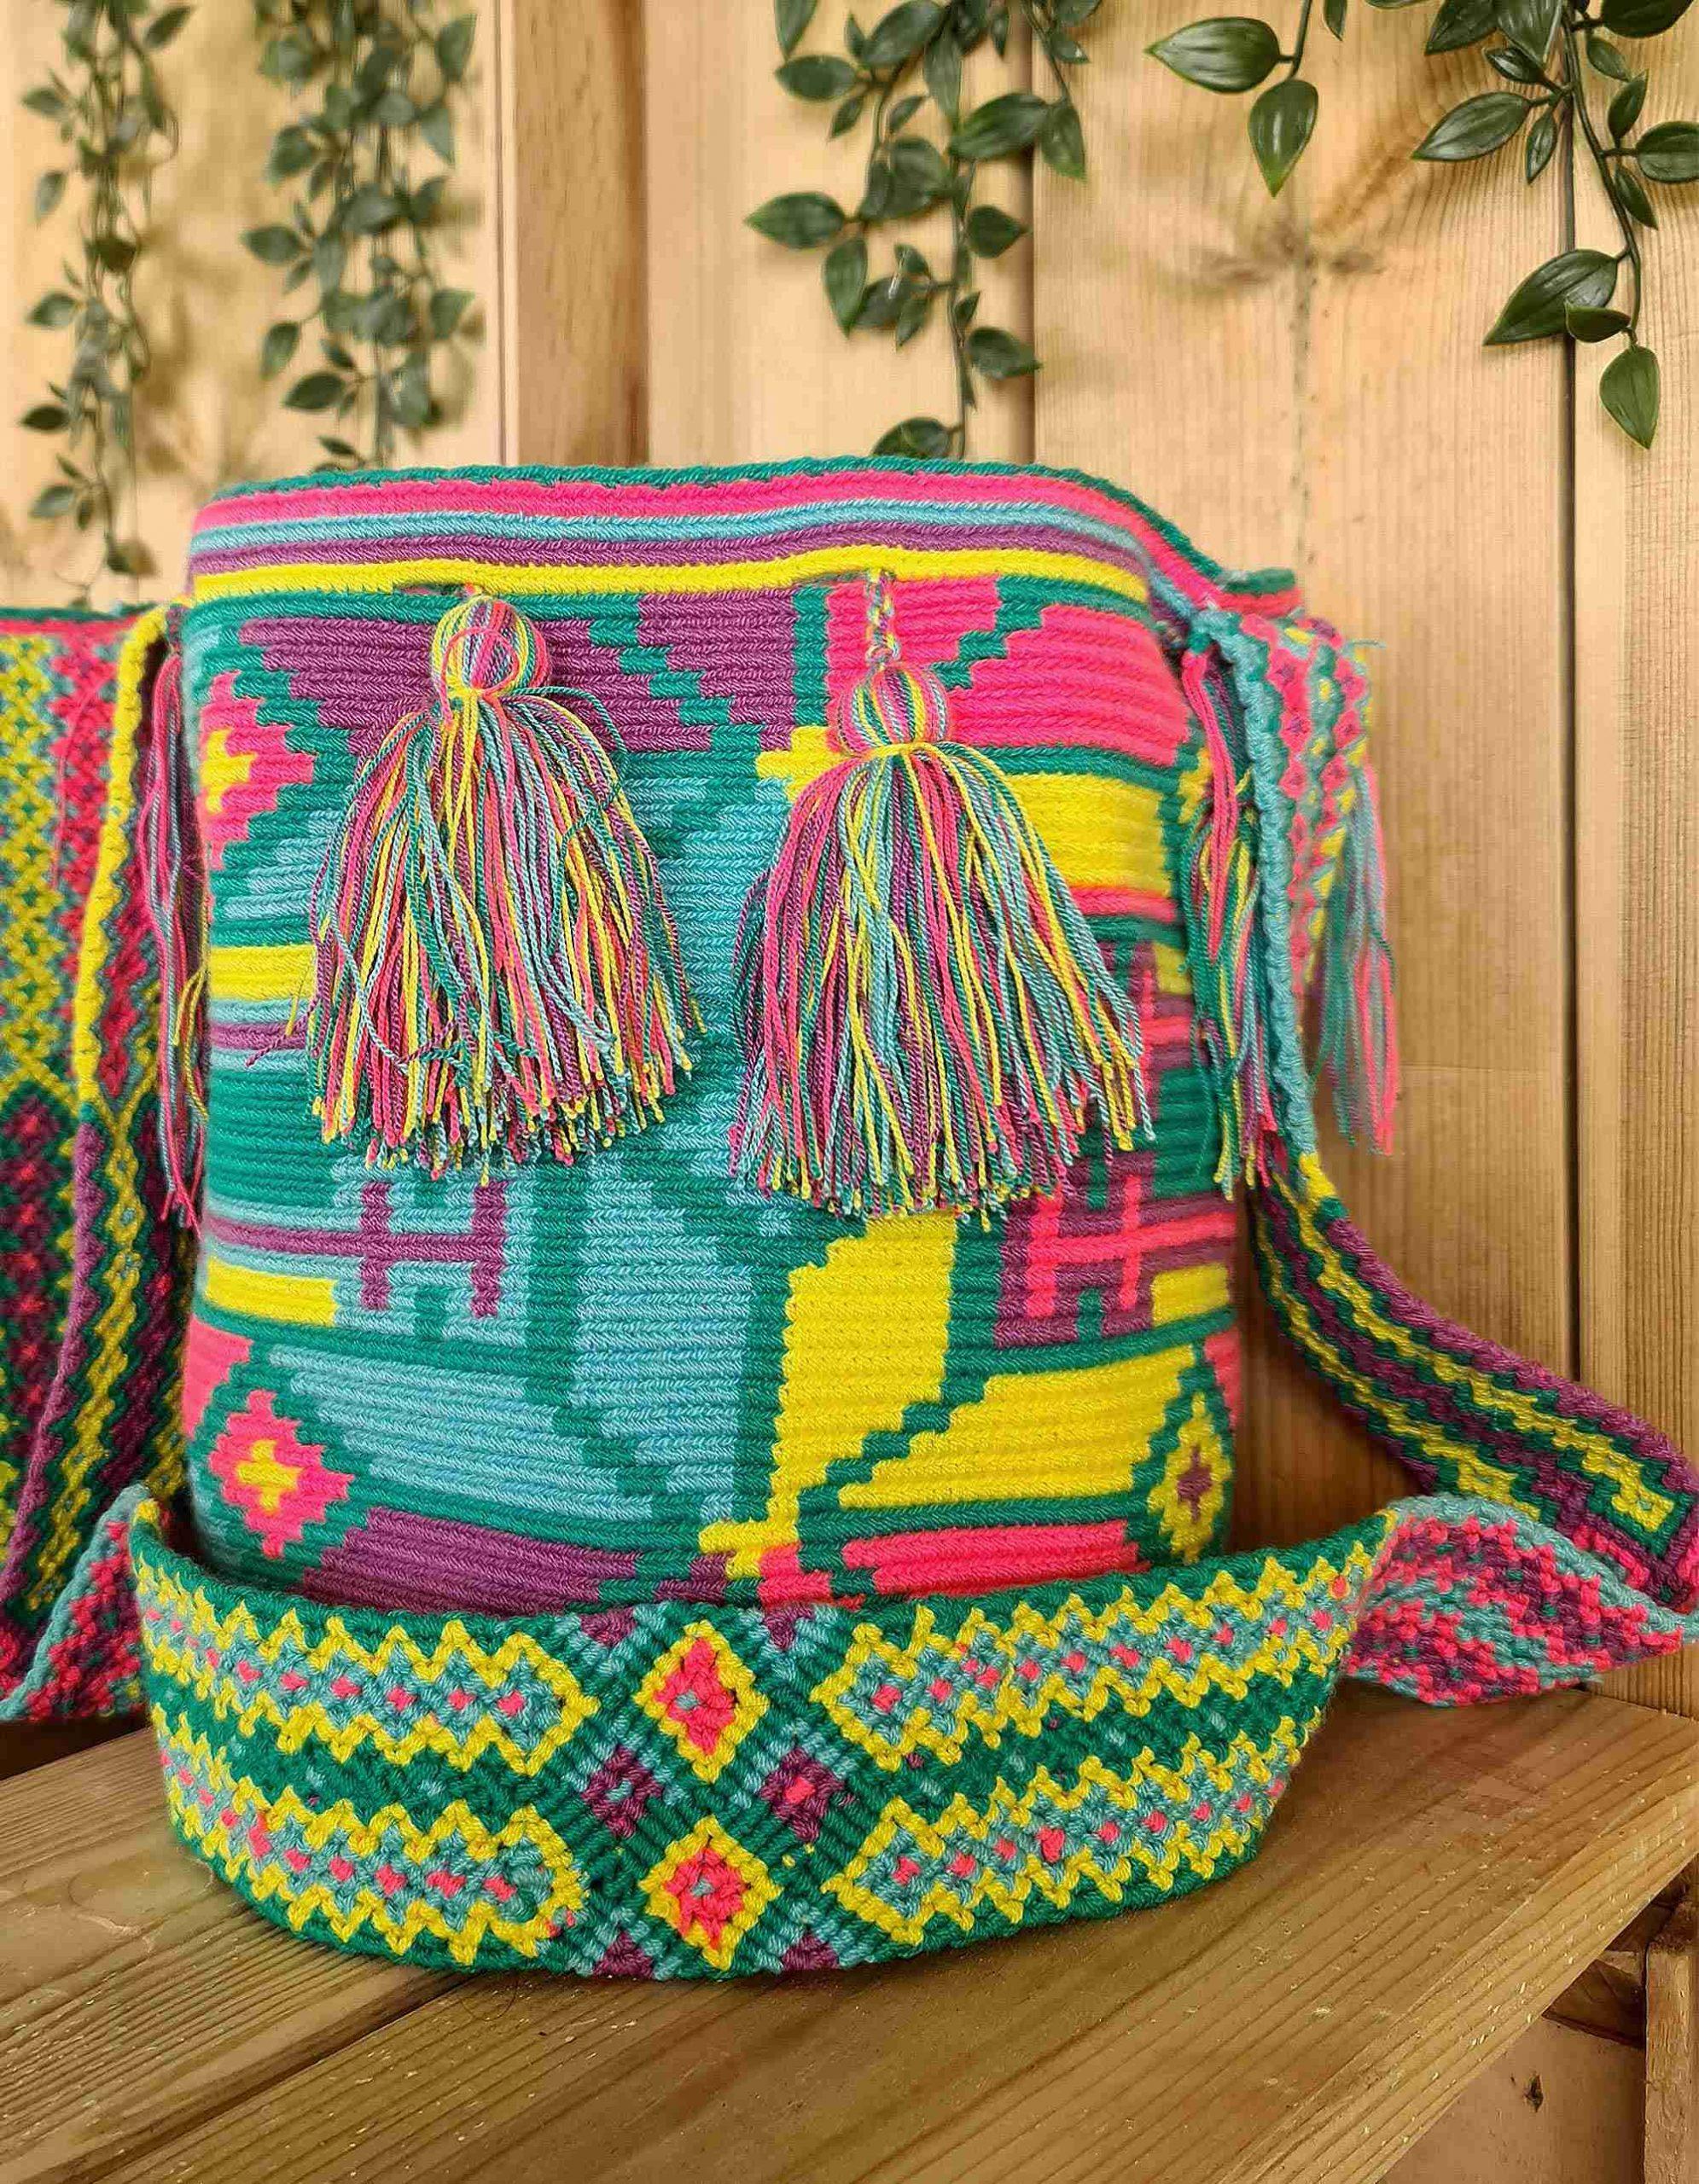 Bolso Wayuu Artesanal, Auténtico y Original (sólo 1 igual) MOTIVOS TRIBALES D